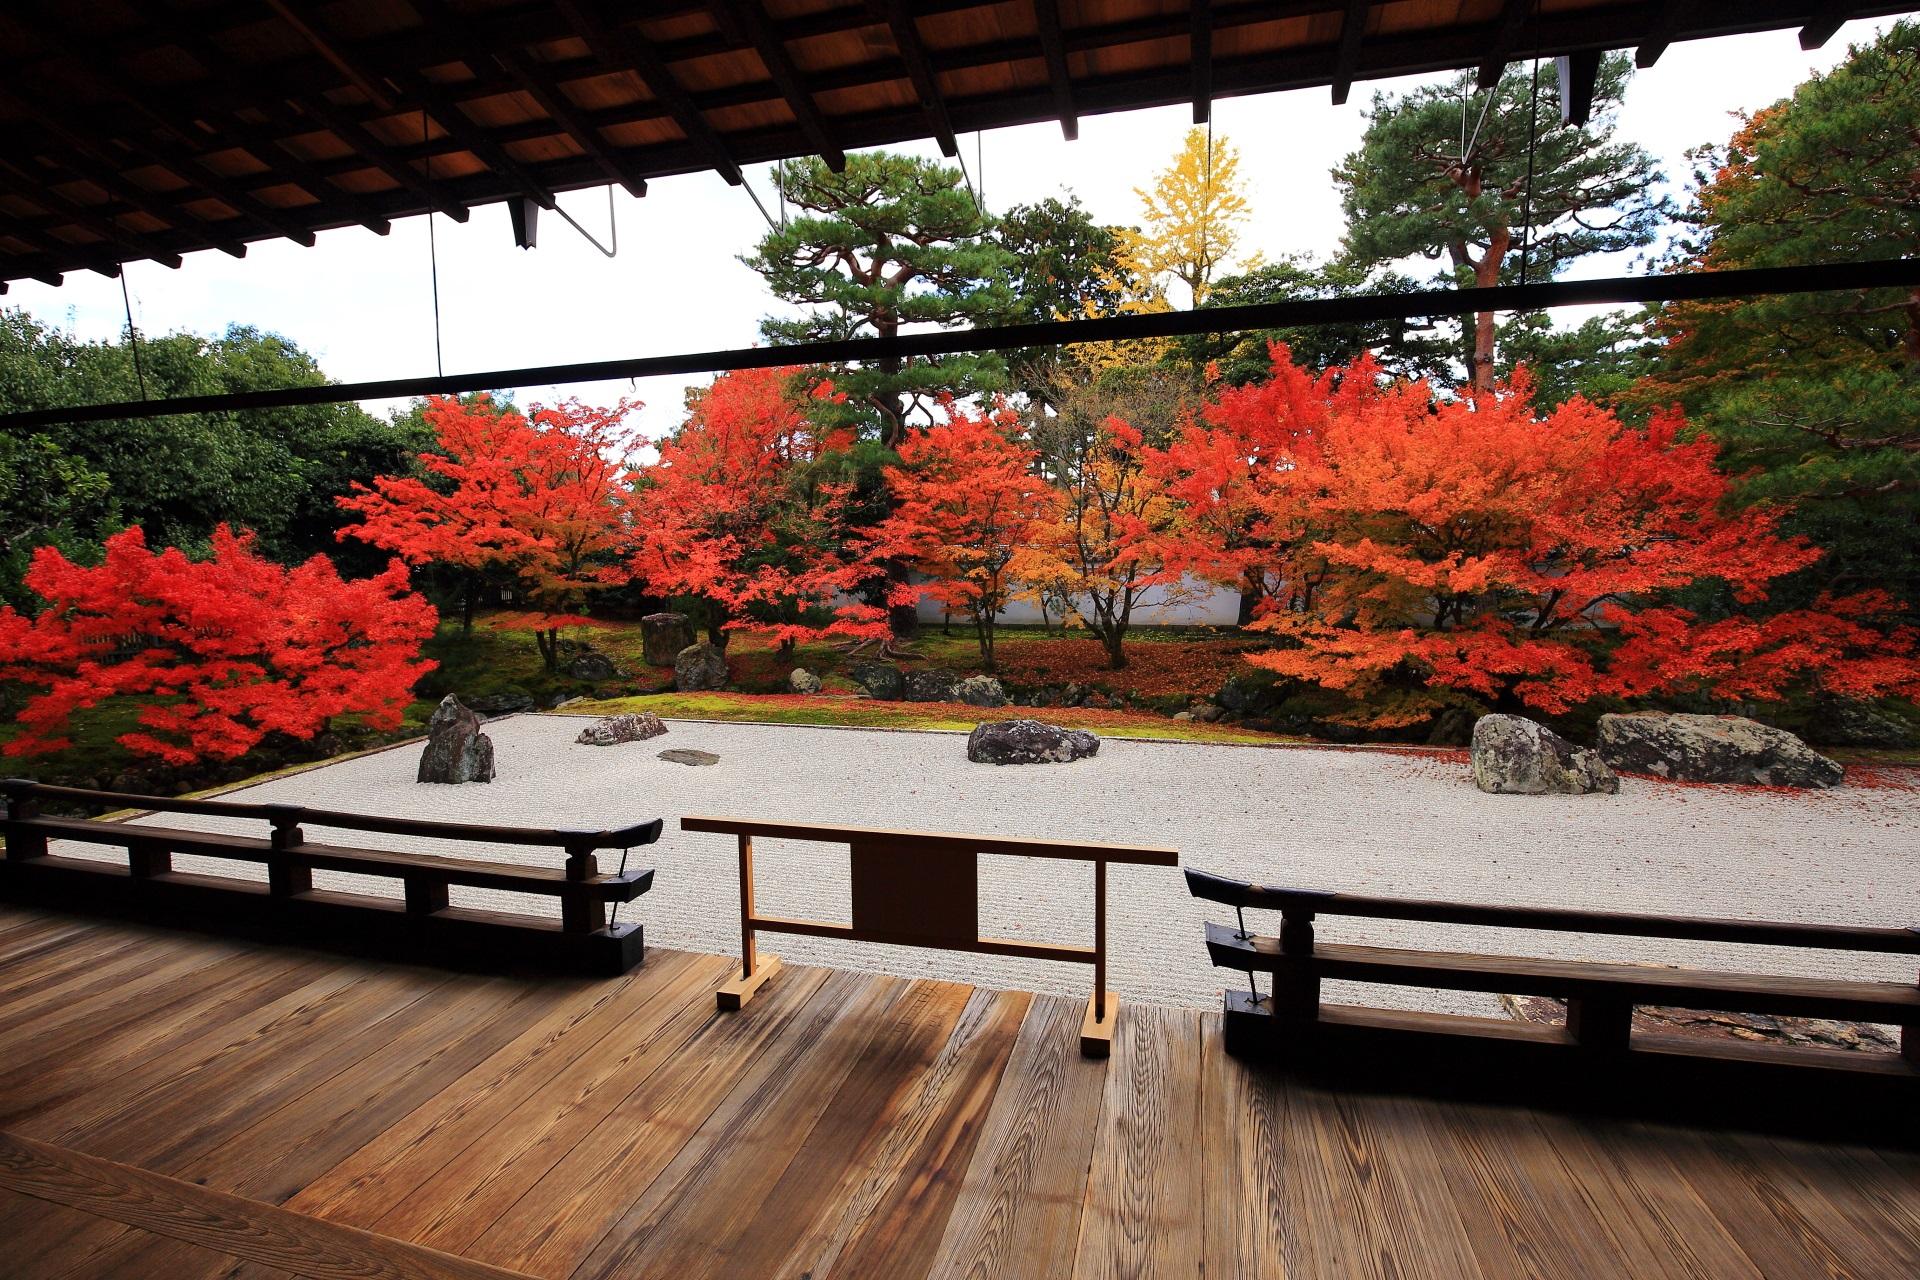 相国寺 紅葉 上品な彩りと鮮やかな開山堂庭園